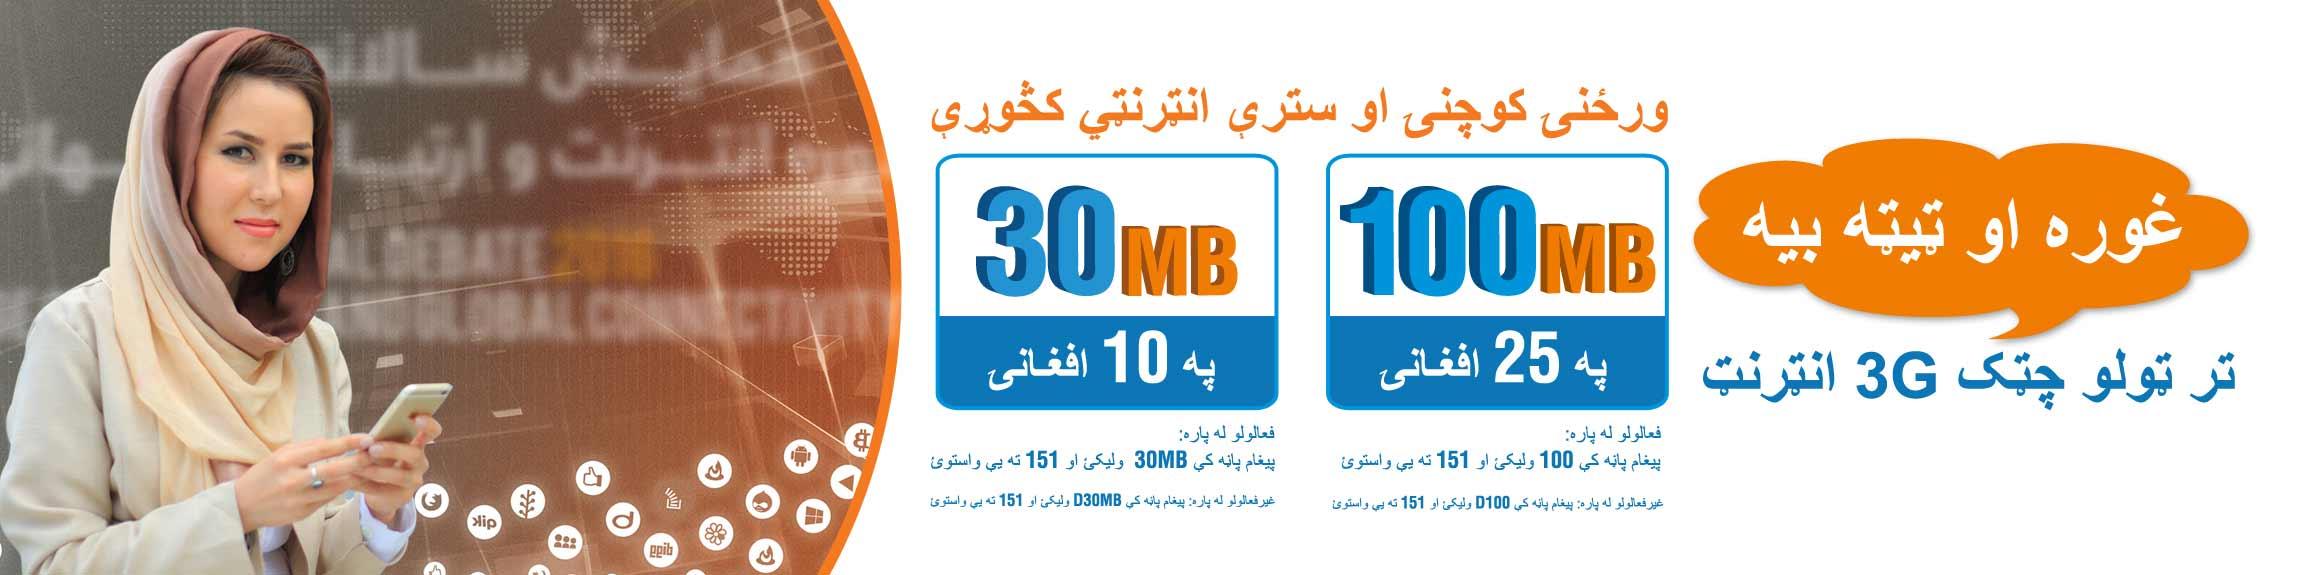 pashto-data-bundle